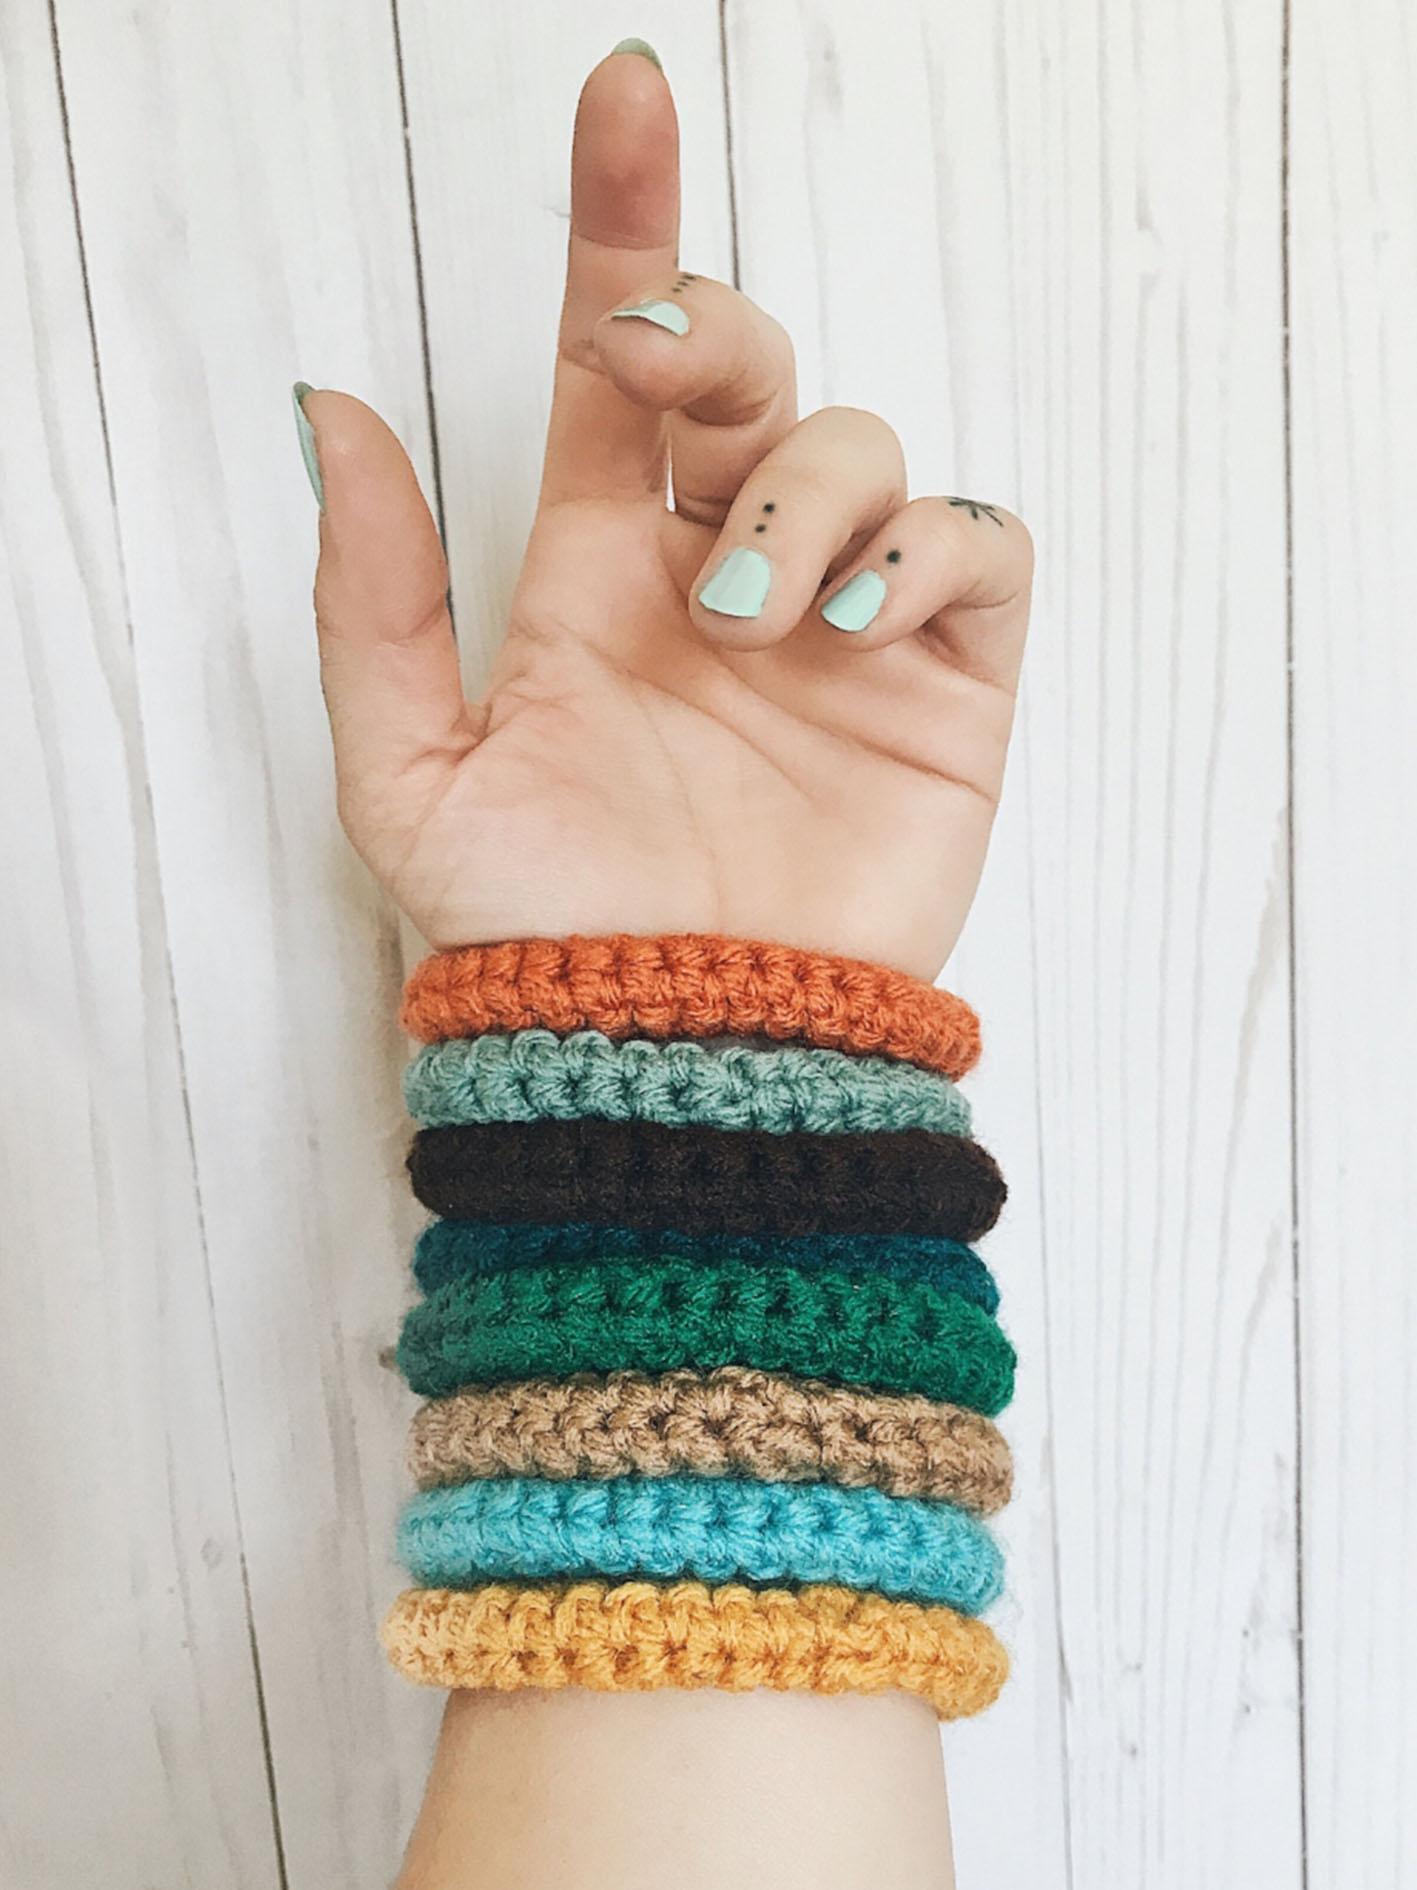 35-free-gift-to-friend-crochet-bracelets-new-2019